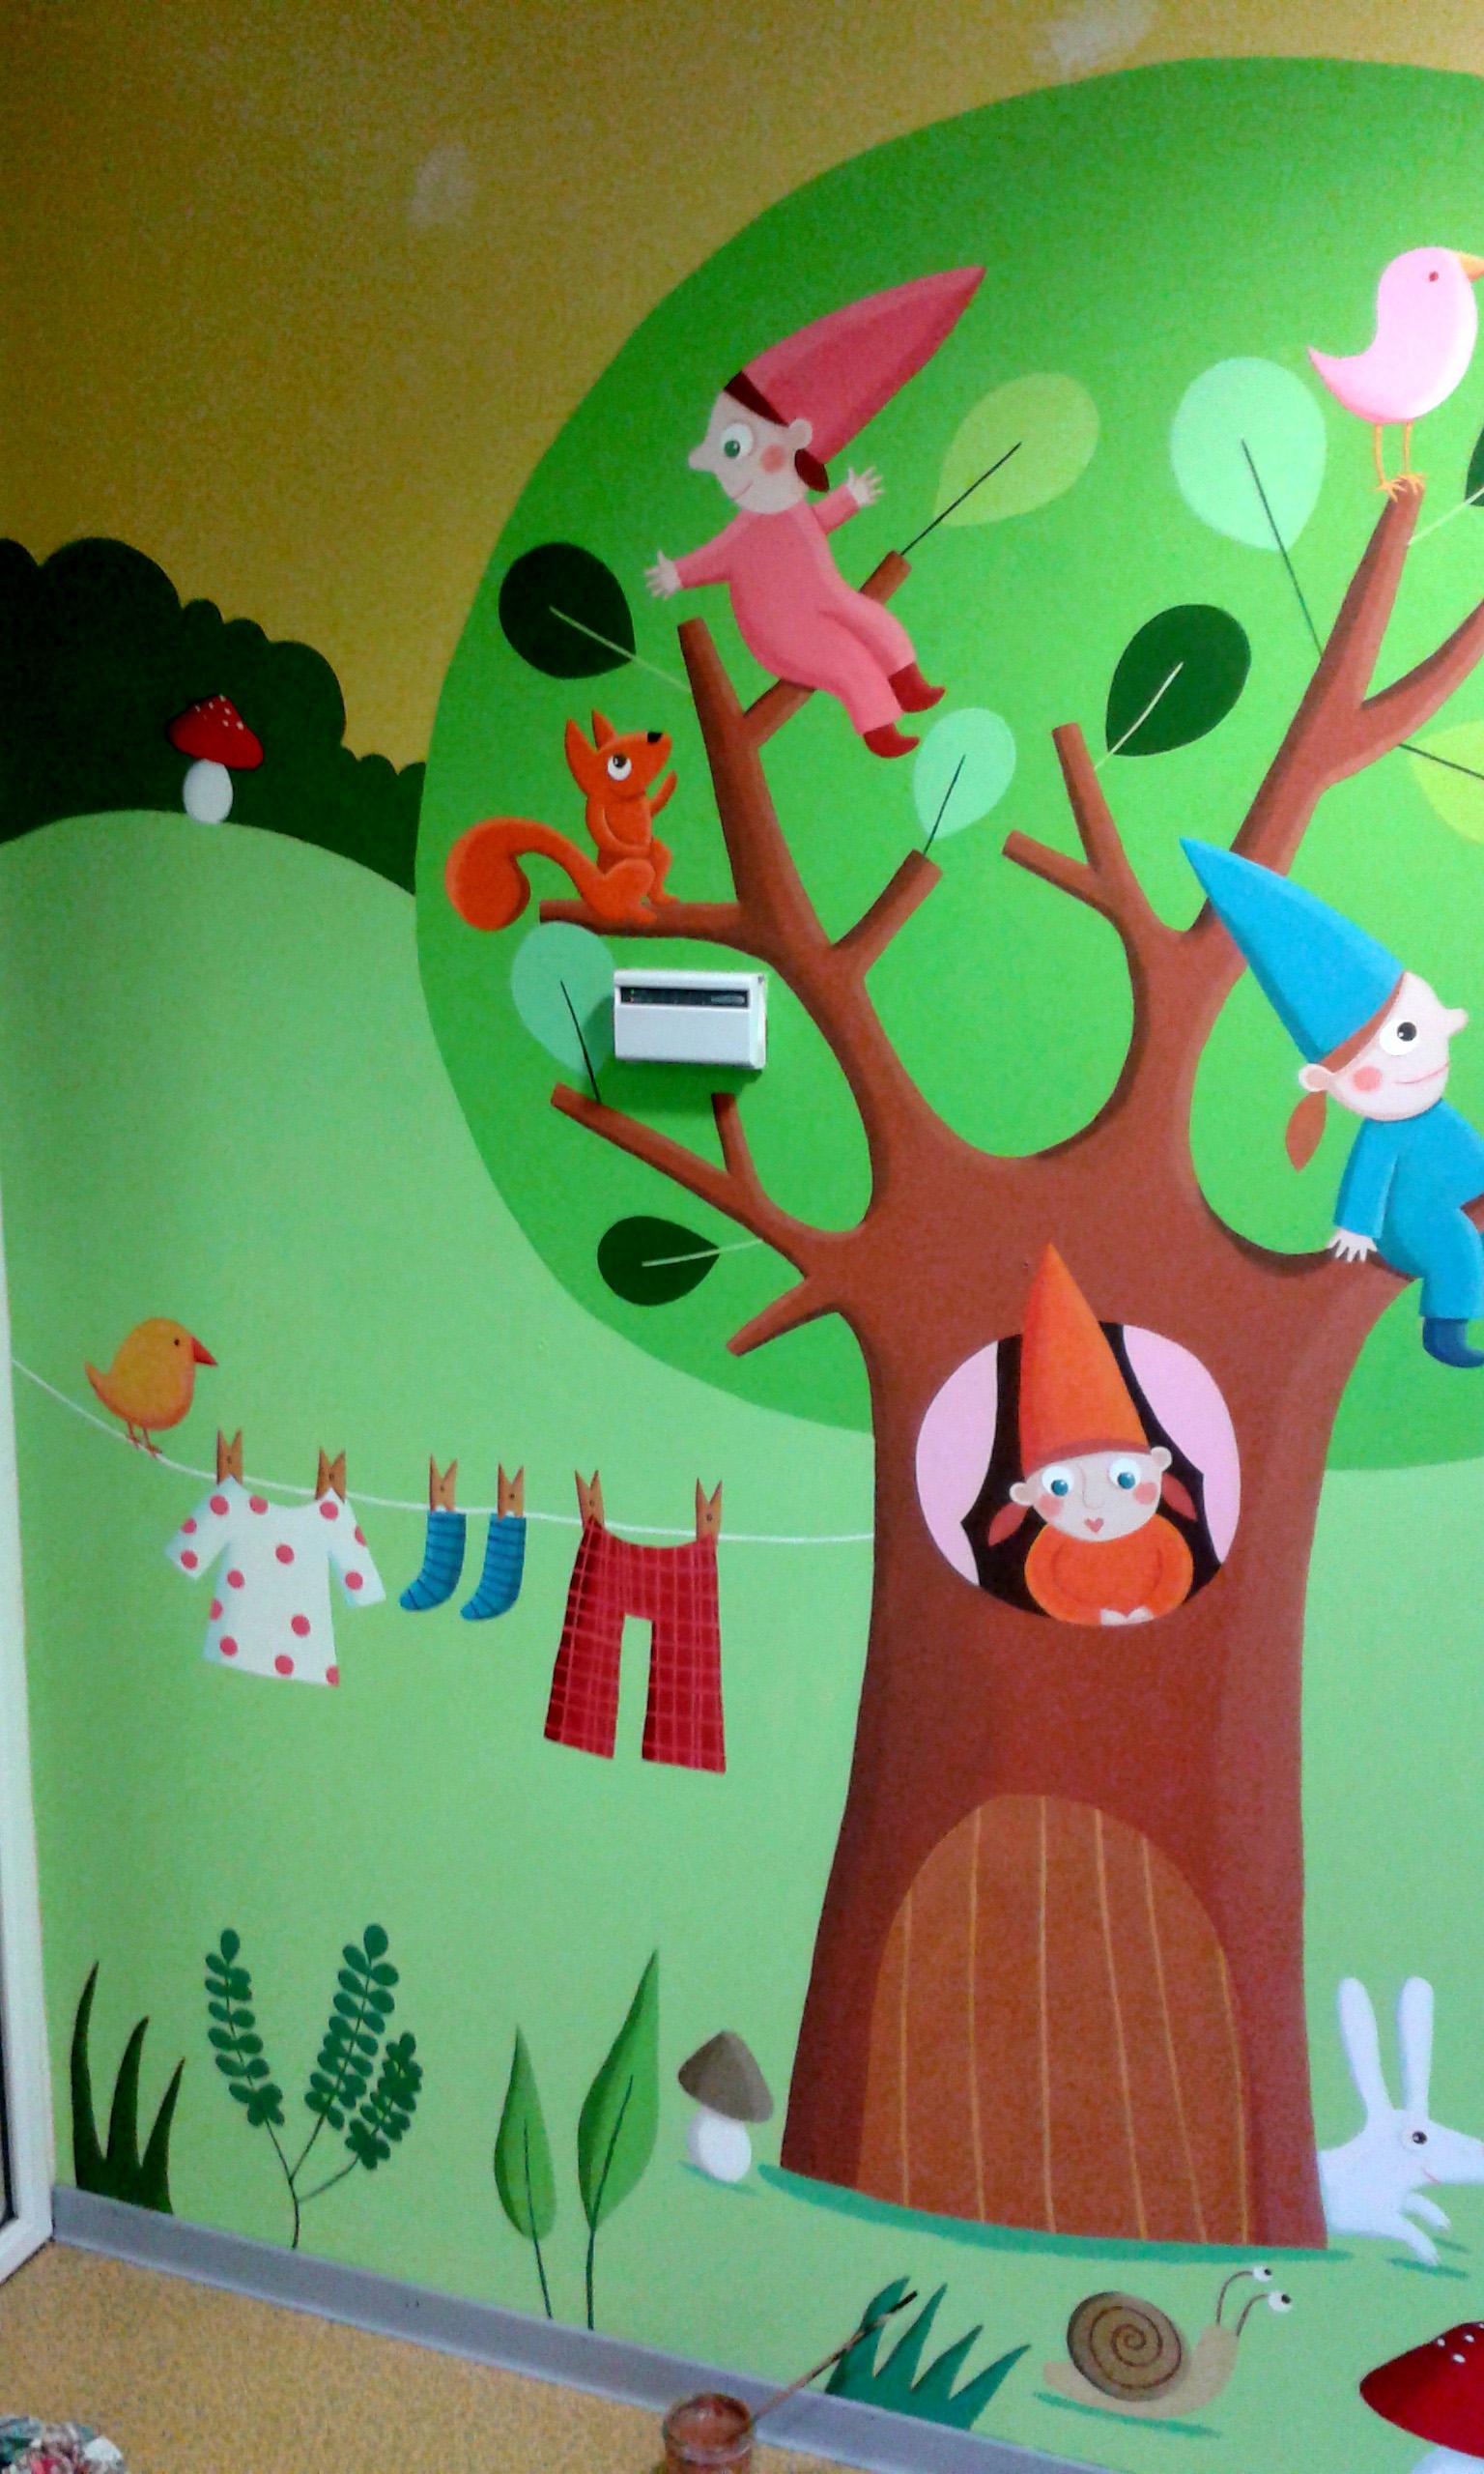 Émilie Chollat Crèche les petits lutins Plan de Cuques Avril 2015 162